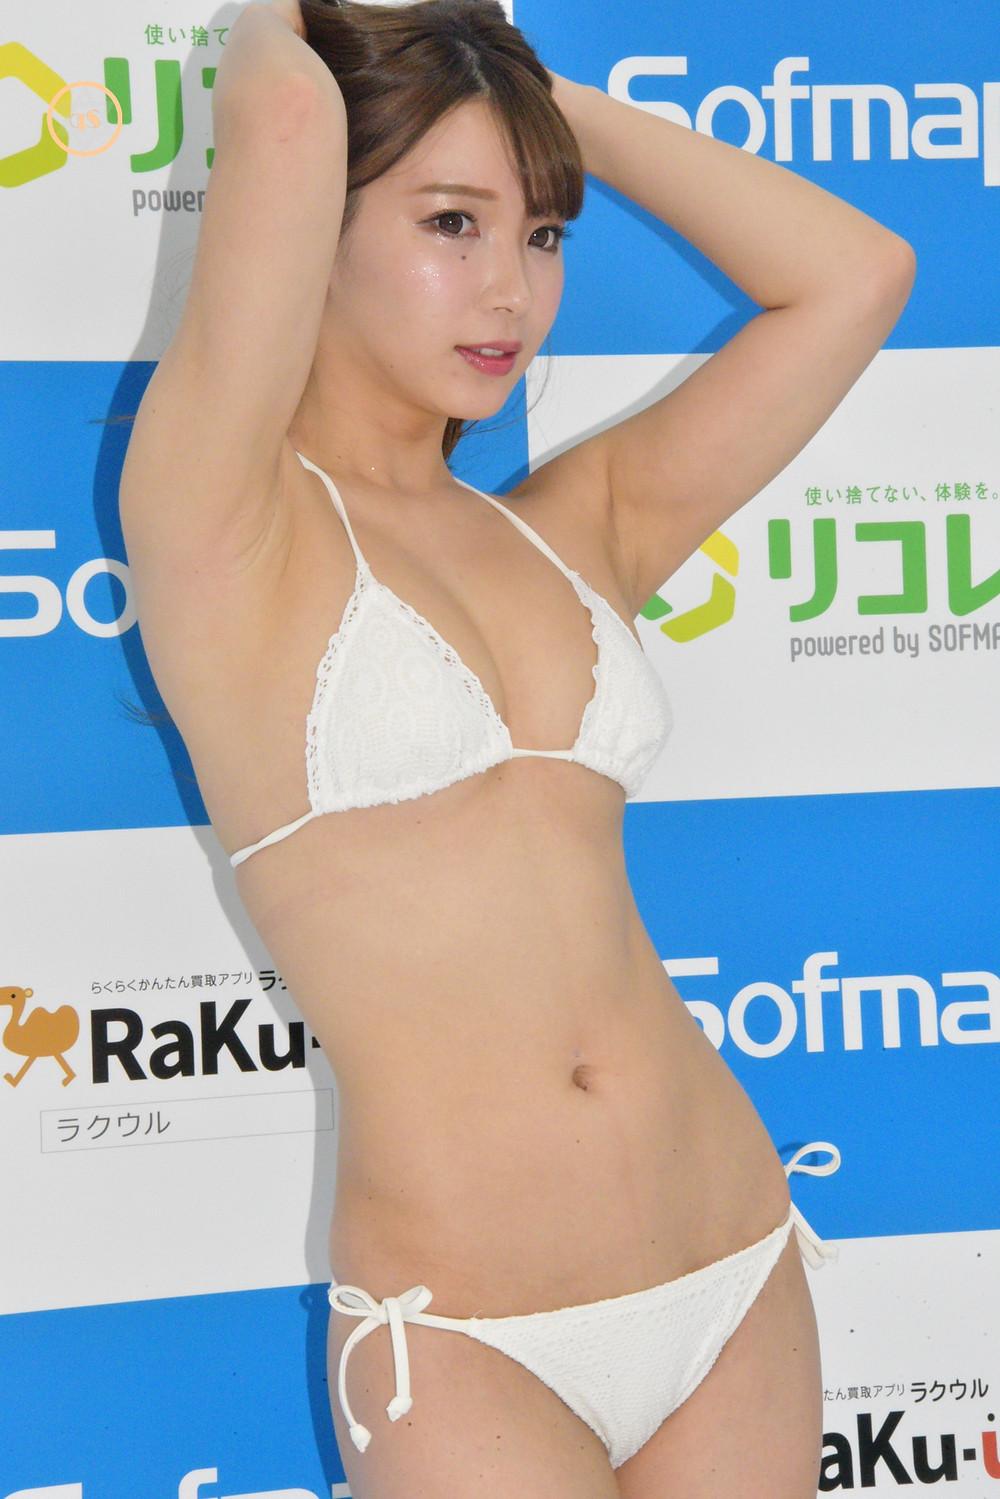 海里グラビアアイドル (1)